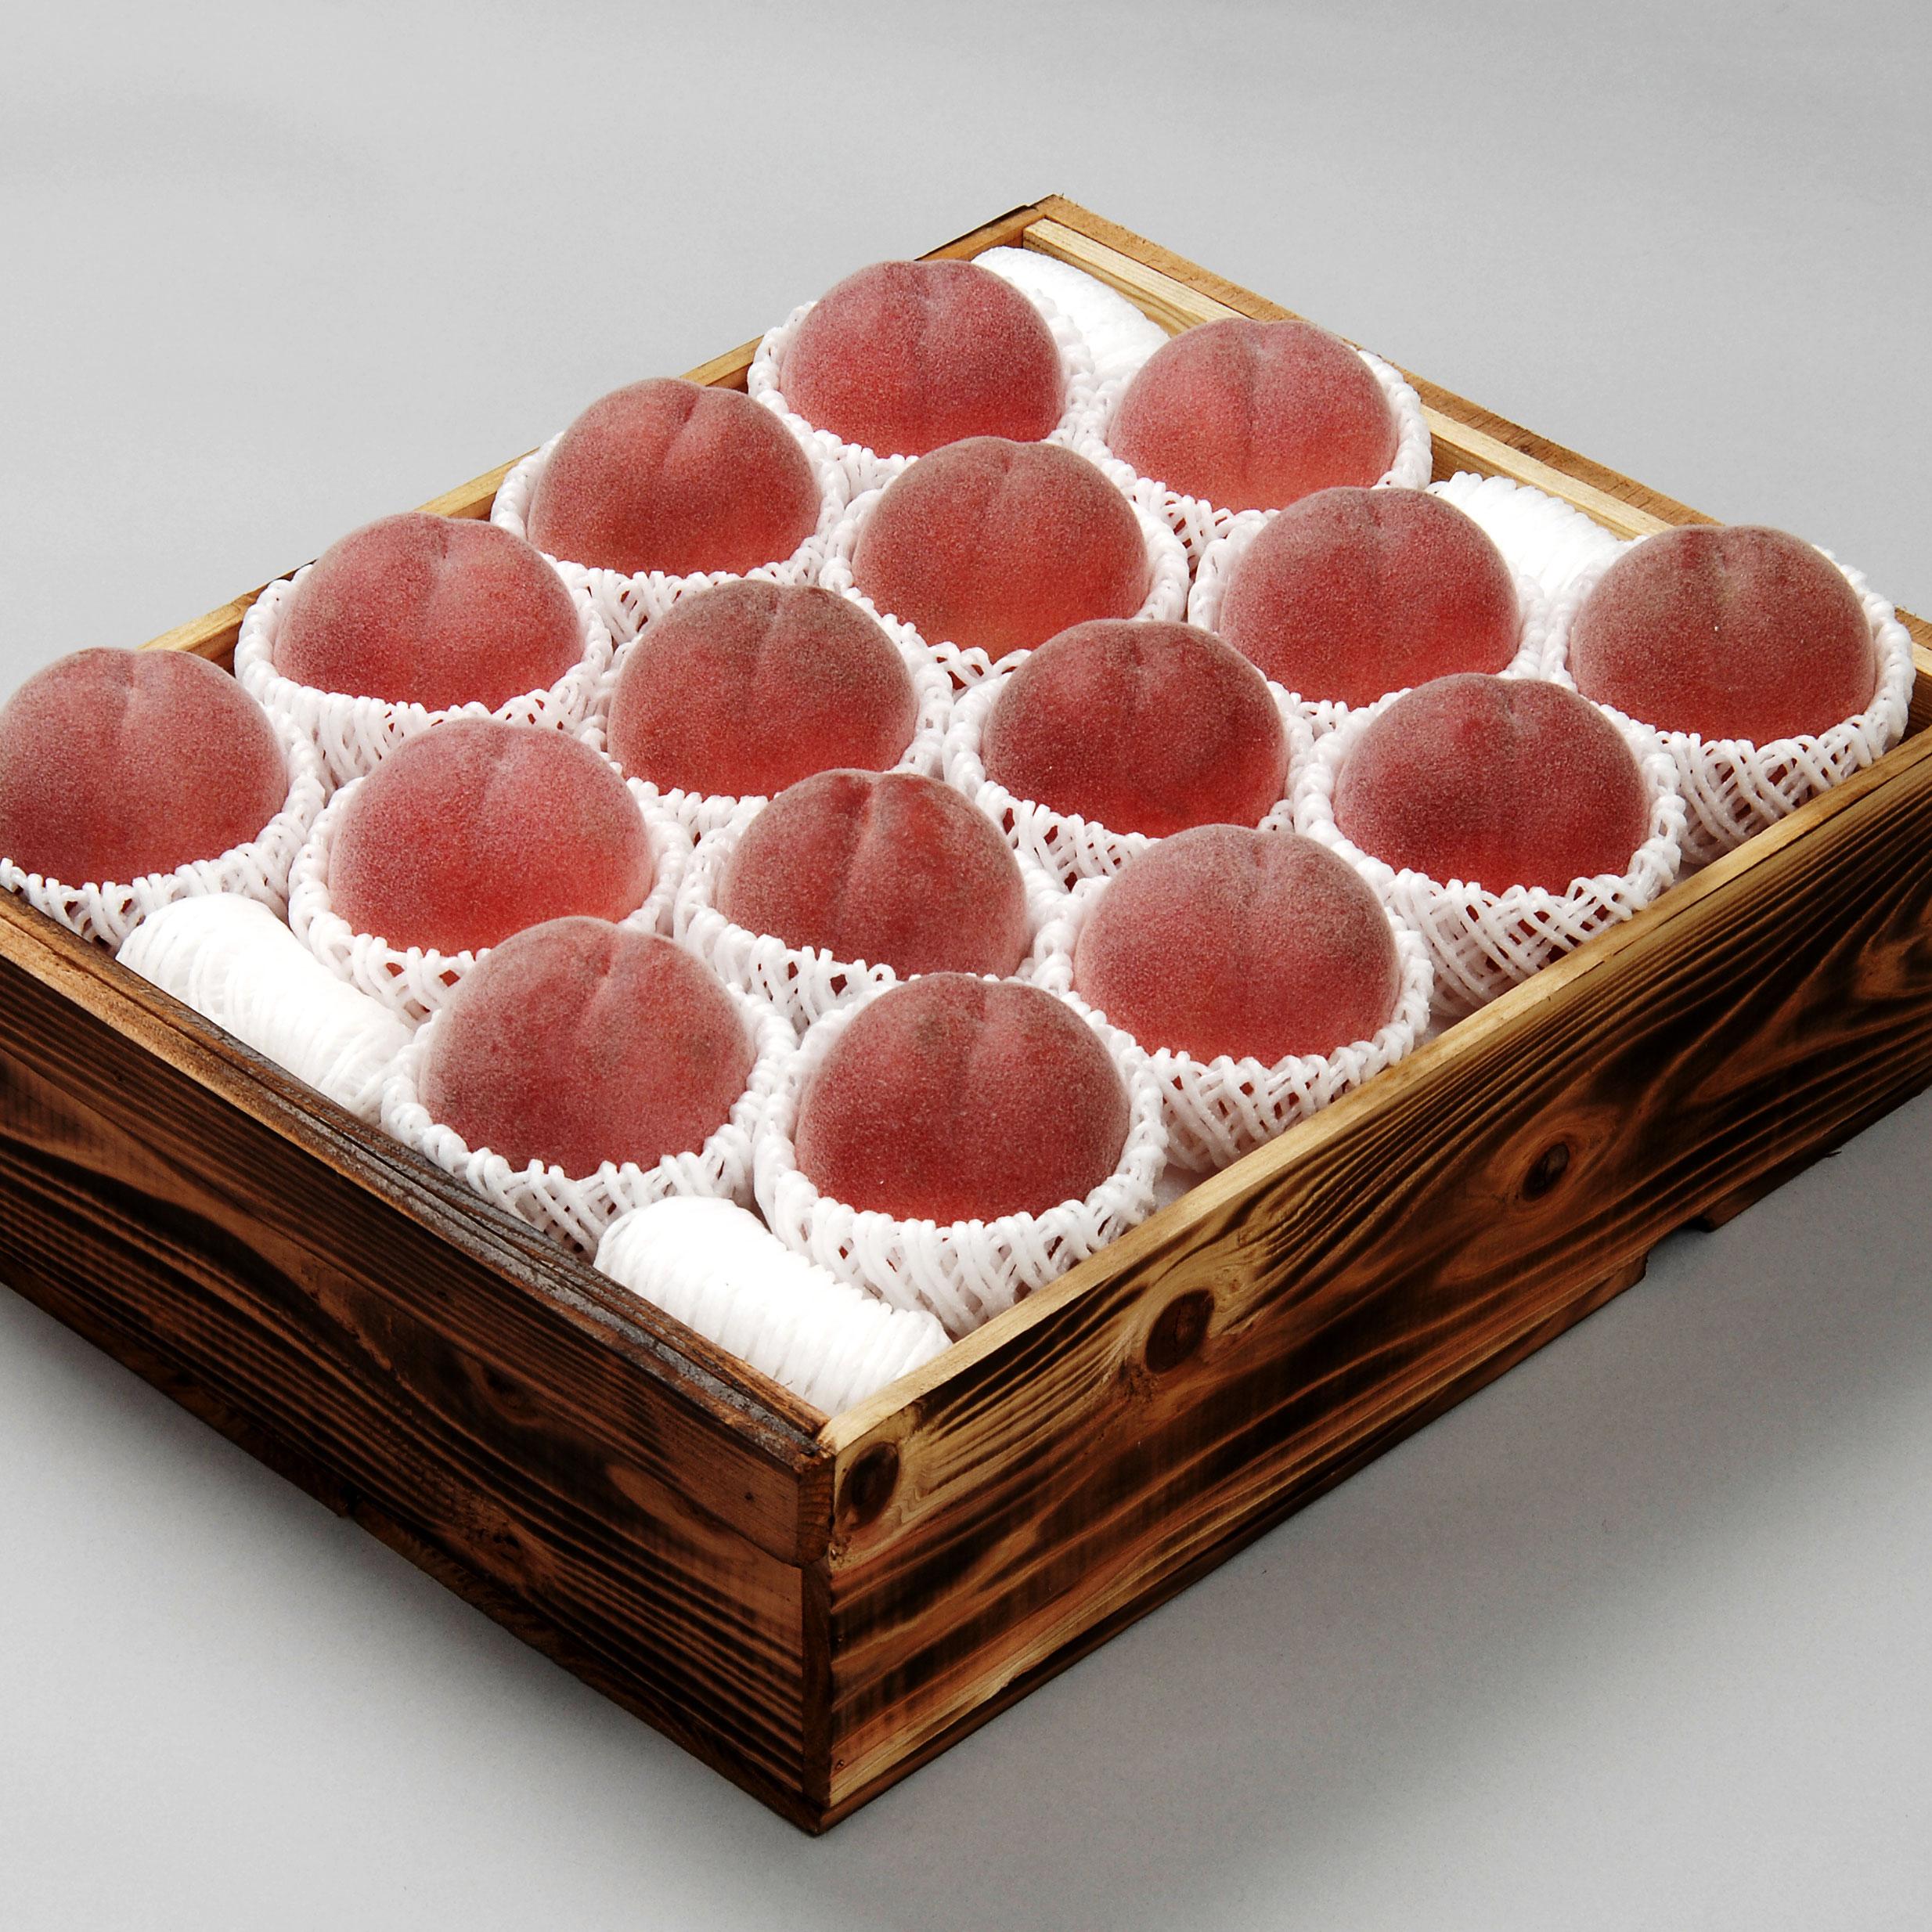 山梨県産水蜜桃 4.5kg(15~16玉)木箱【126】